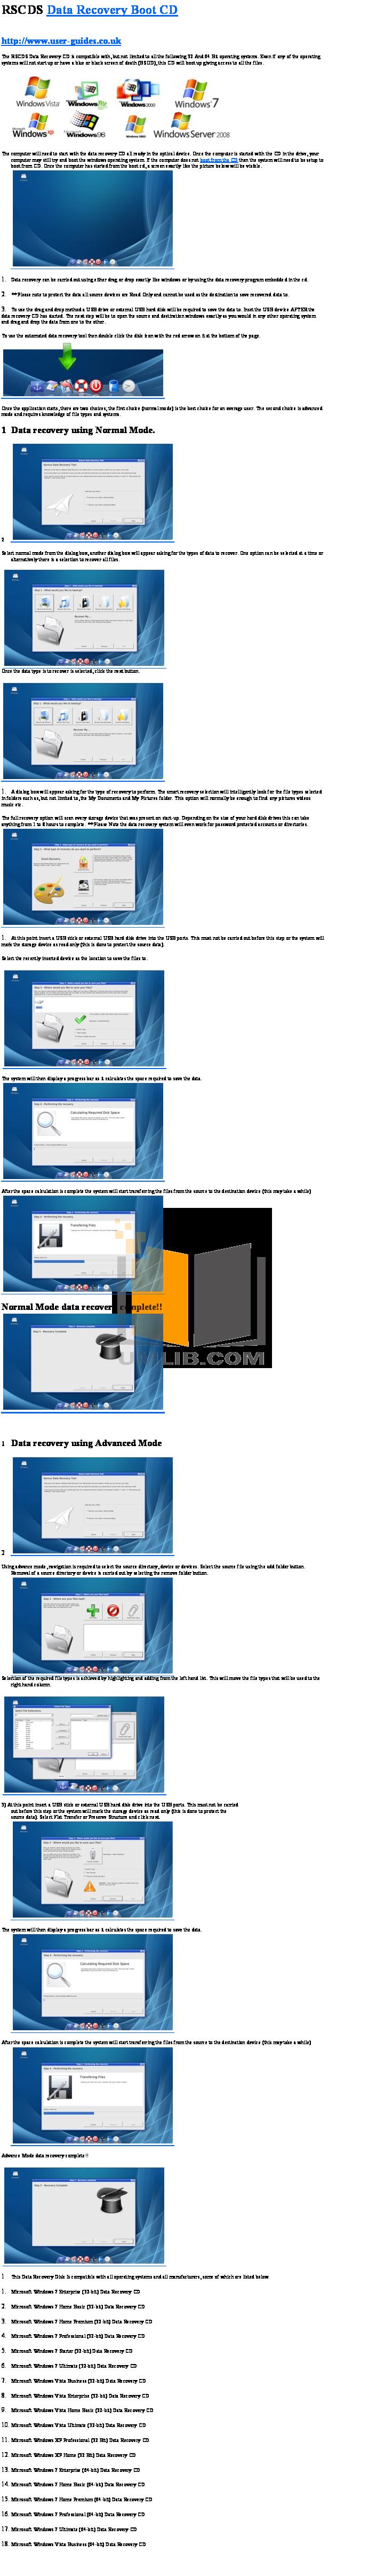 pdf for HP Desktop Compaq Presario,Presario SR5610F manual